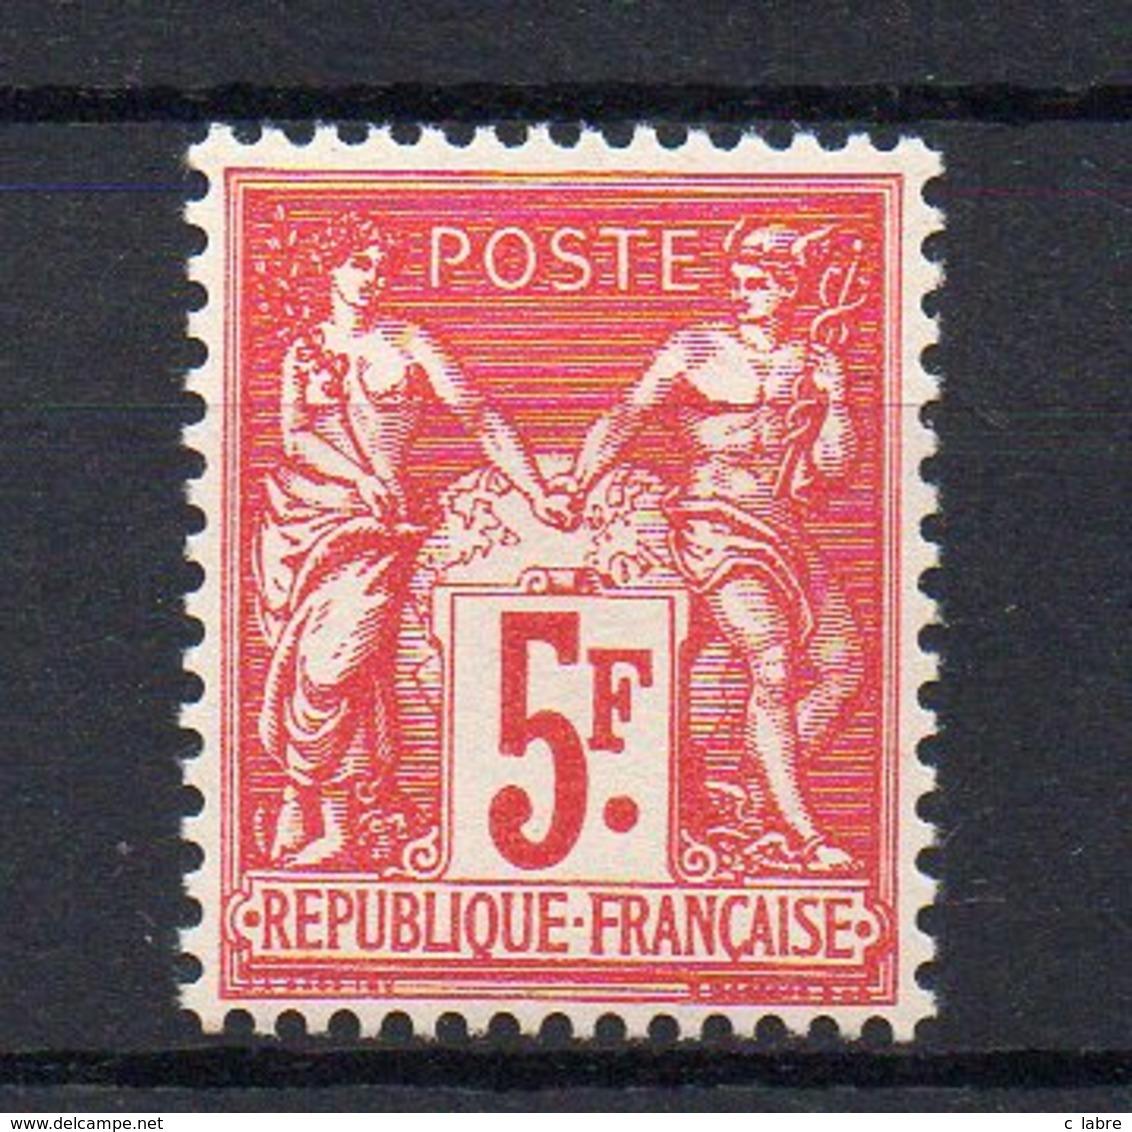 FRANCE : N° 216 ** . TB .1925 . SIGNE CALVES .  ( CATALOGUE YVERT ) . - Marcophilie (Timbres Détachés)